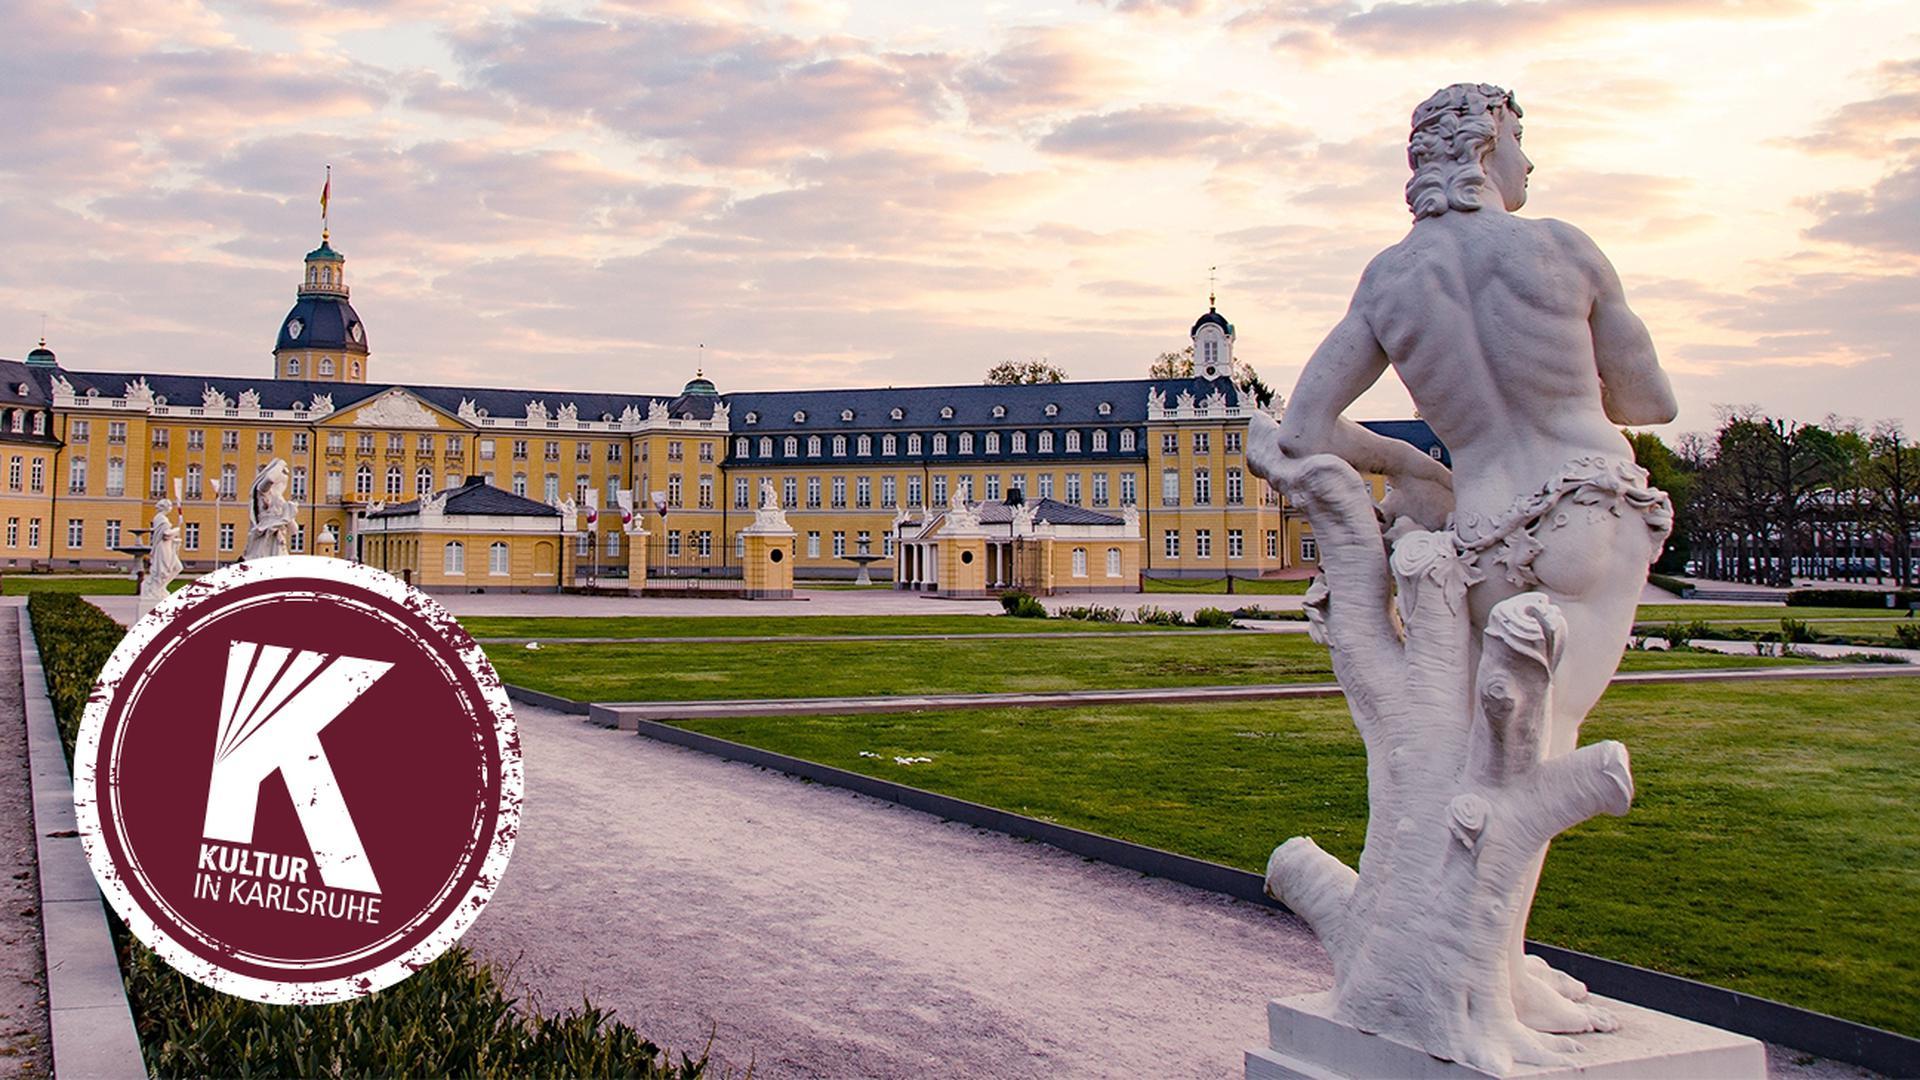 """In Karlsruhe trifft Barockschloss auf Medienkunst und Mundart auf Oper: Folgen Sie der """"Kultur in Karlsruhe"""" und erleben Sie die Vielfalt!"""